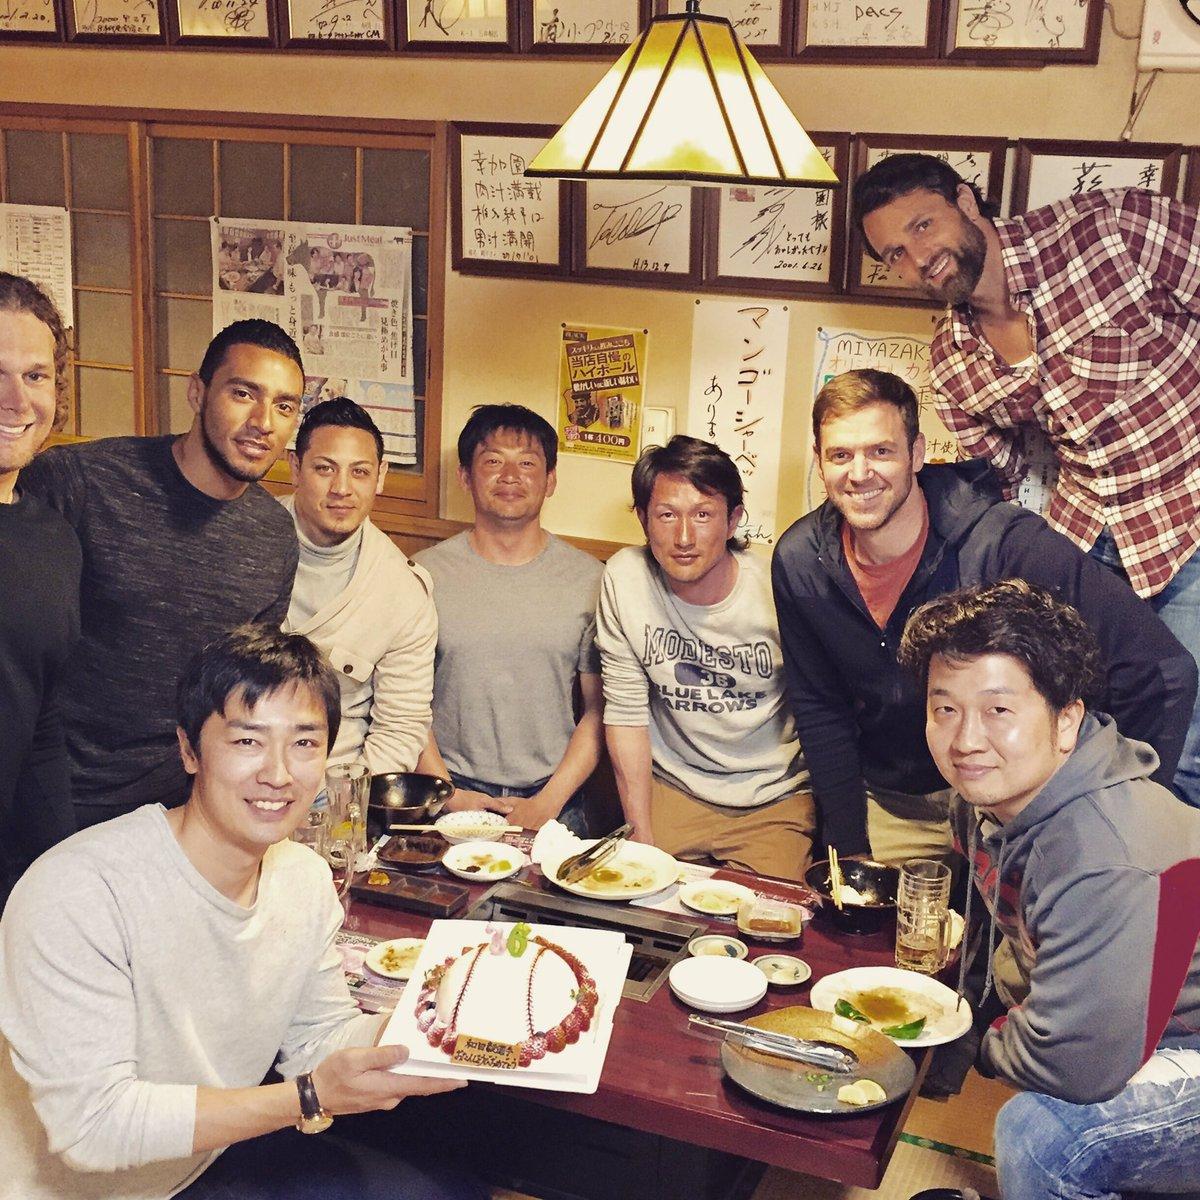 昨日は和田さん達と美味しい宮崎牛をいただきました。とても良い時間を過ごしました。 🙏🏻 for th…